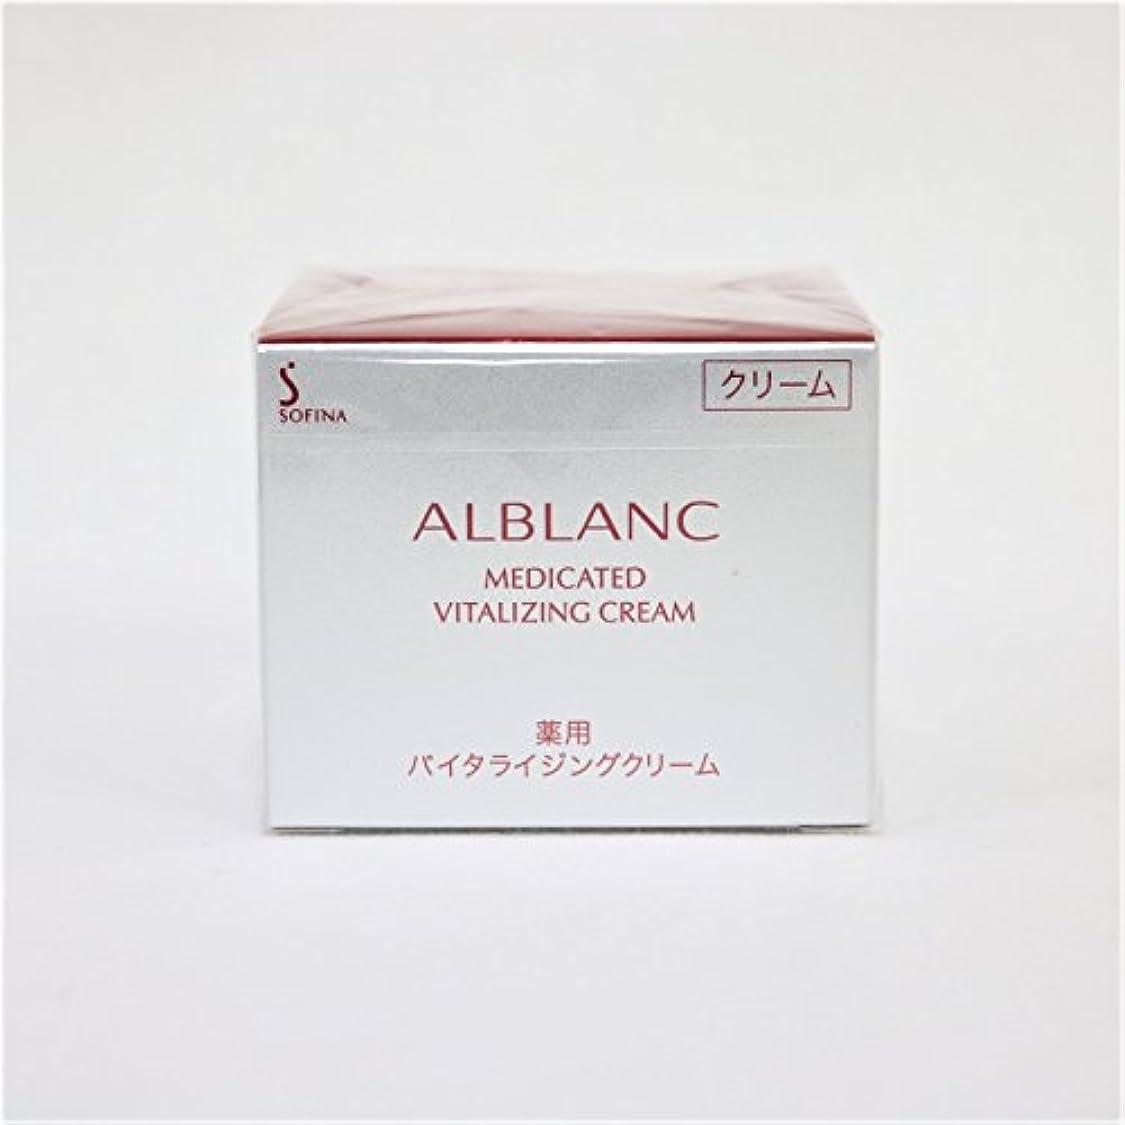 競争手足障害ソフィーナ アルブラン 薬用バイタライジングクリーム 40g